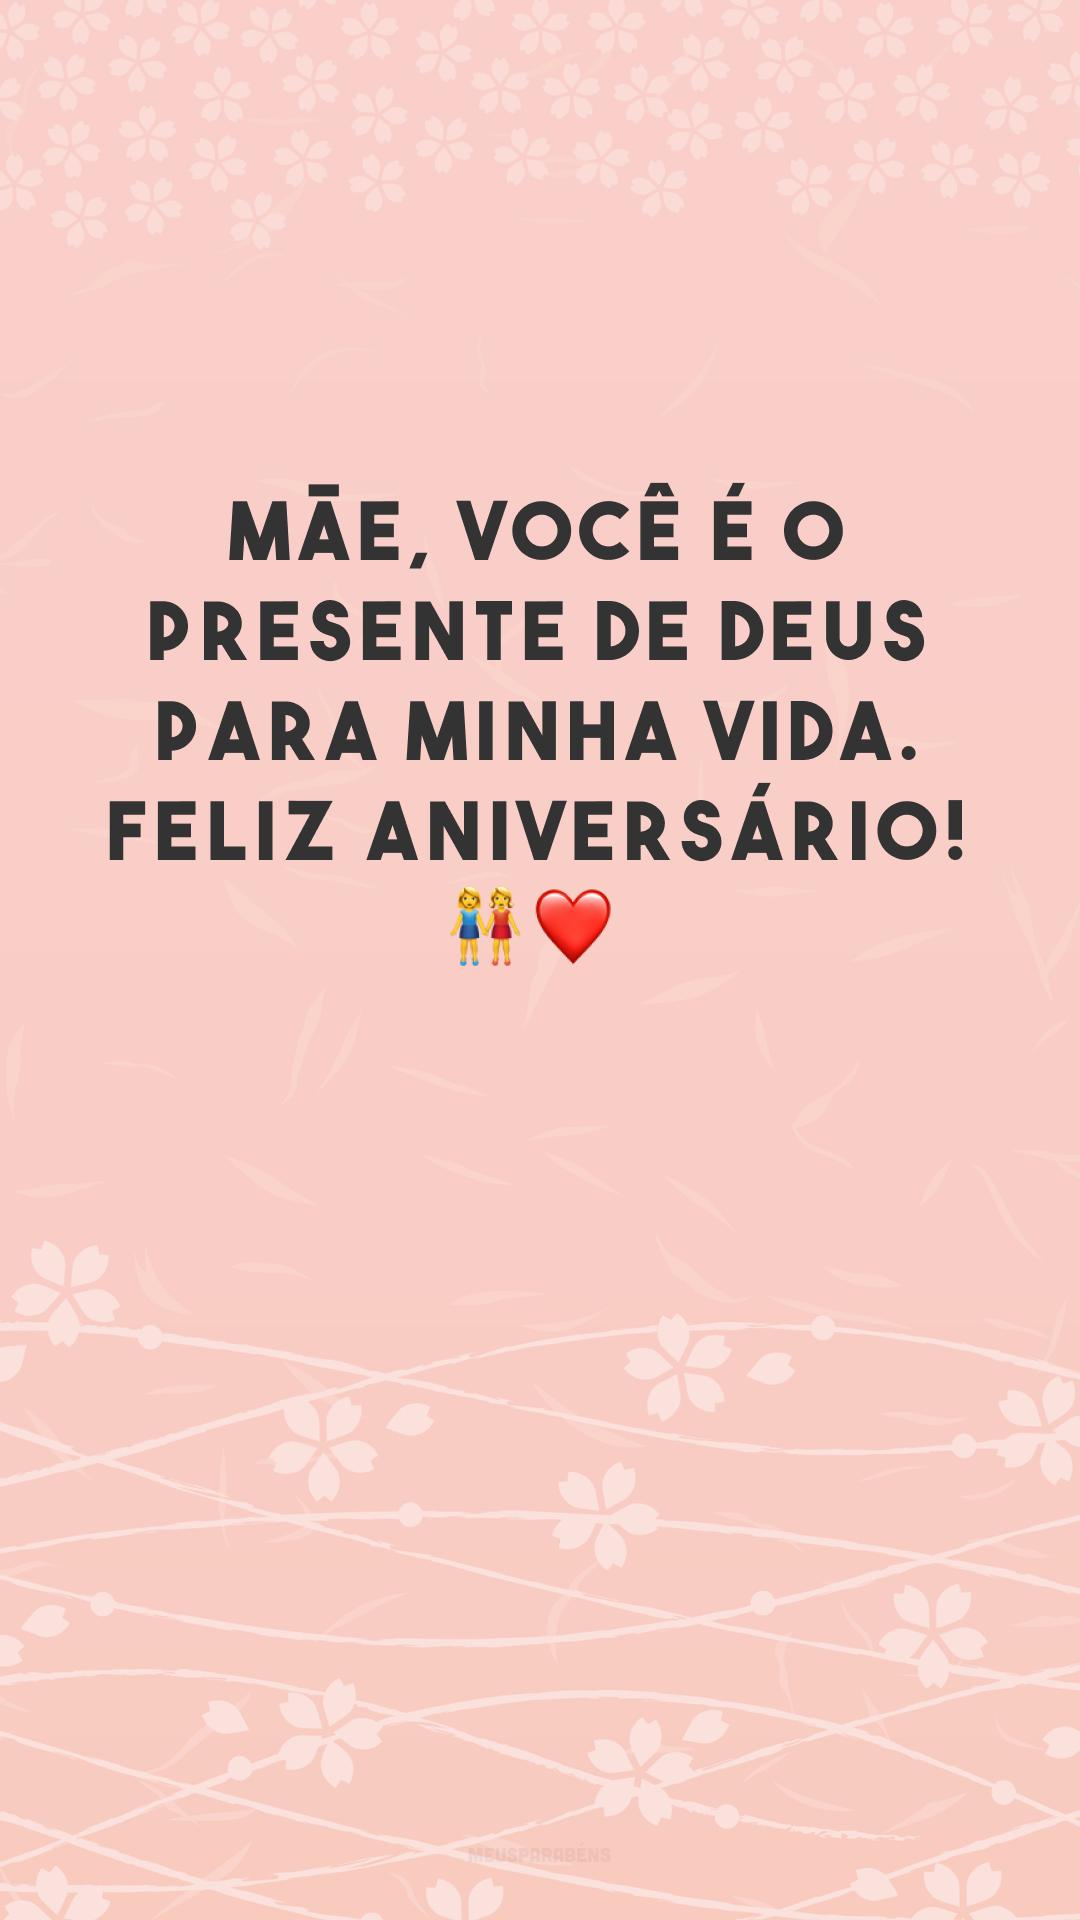 Mãe, você é o presente de Deus para minha vida. Feliz aniversário! ?❤